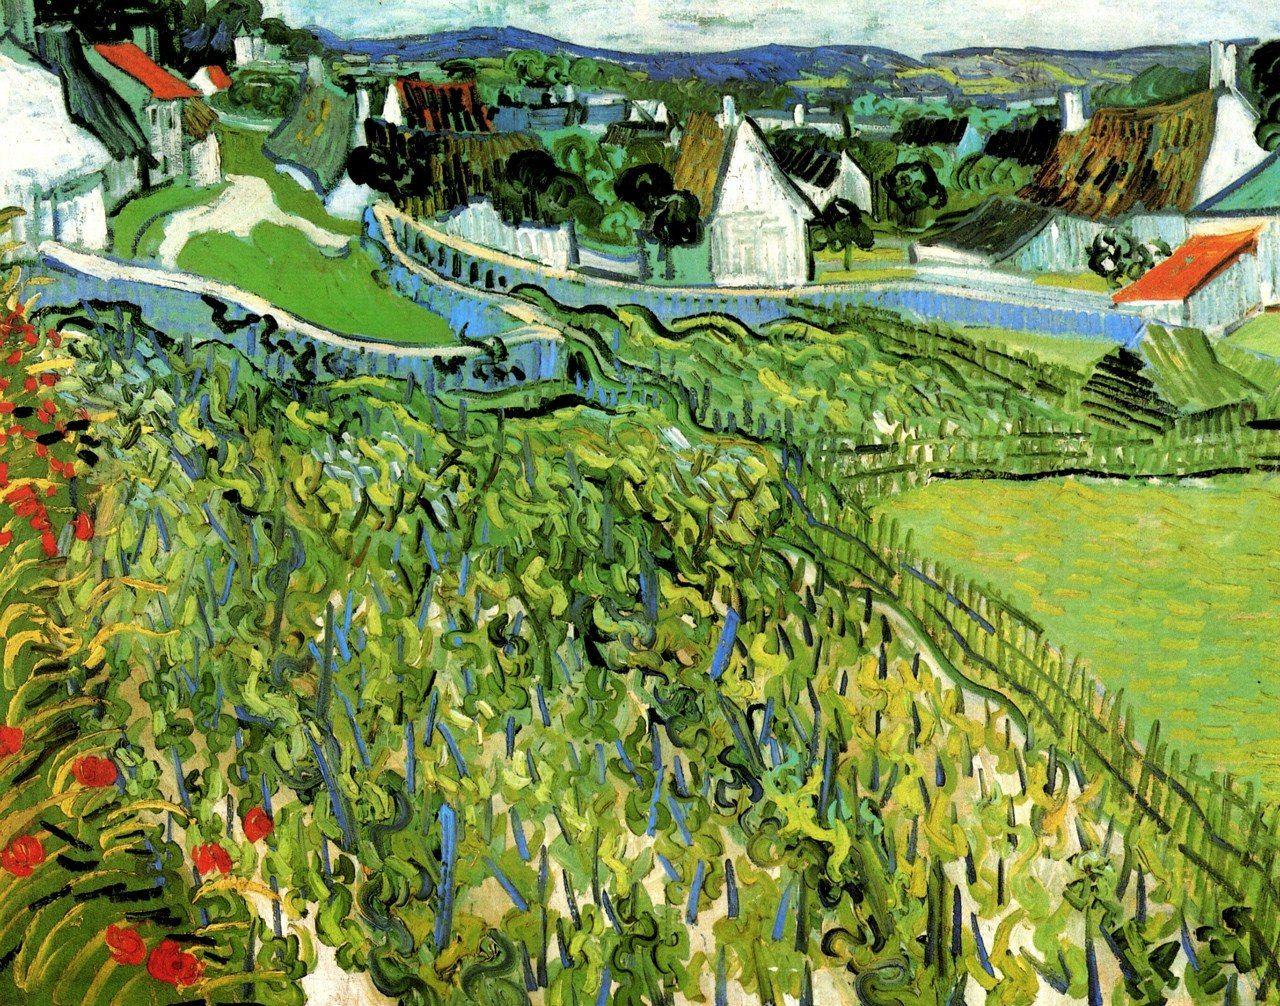 Винсент ван гог — самый знаковый художник постимпрессионизма: биография и лучшие картины